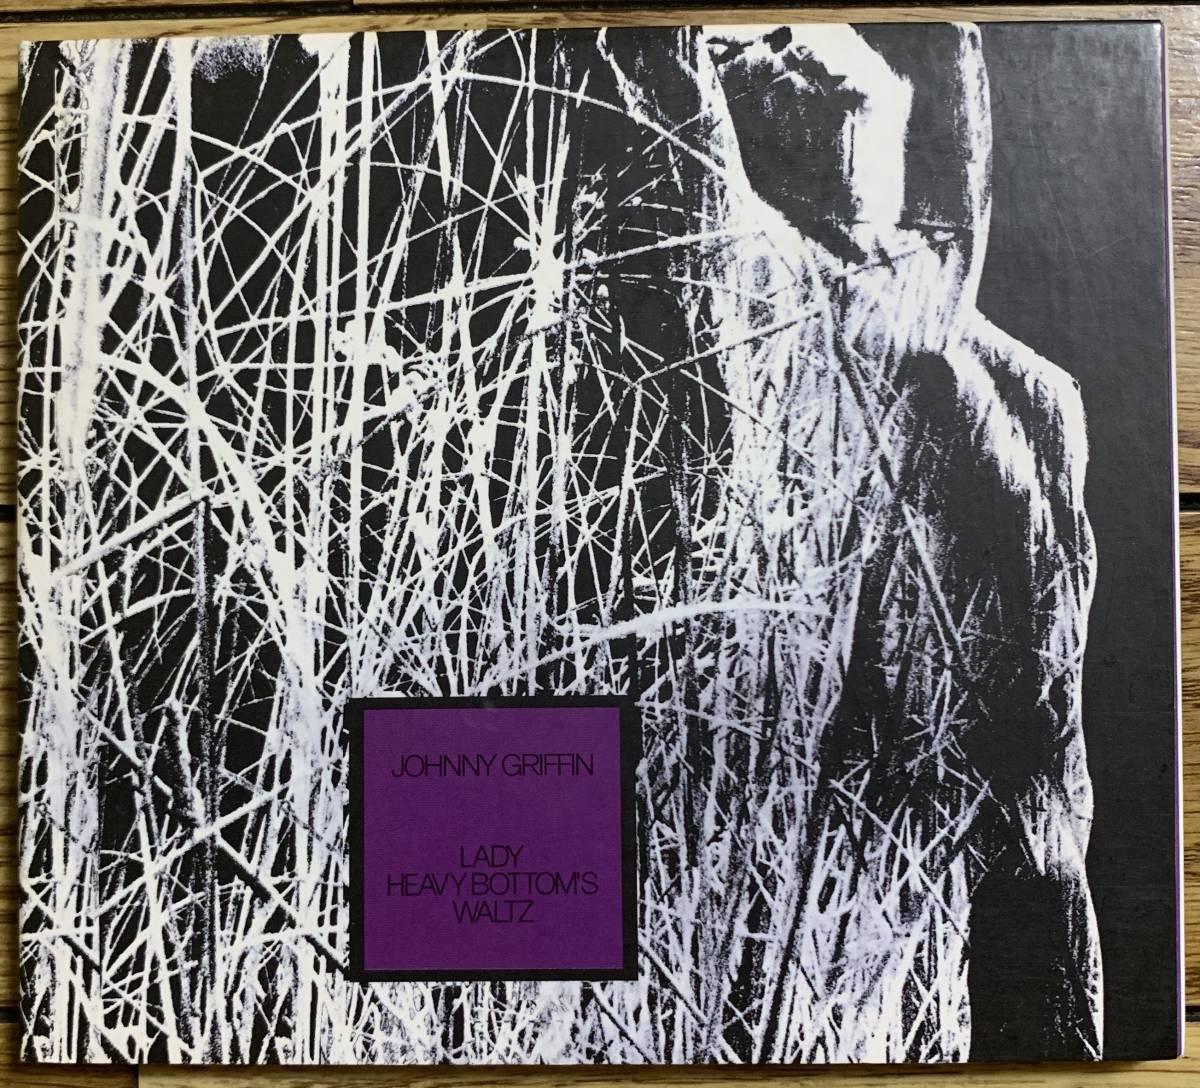 ジョニー・グリフィン JOHNNY GRIFFIN / LADY HEAVY BOTTM'S WALTZ 【中古CD】_画像1